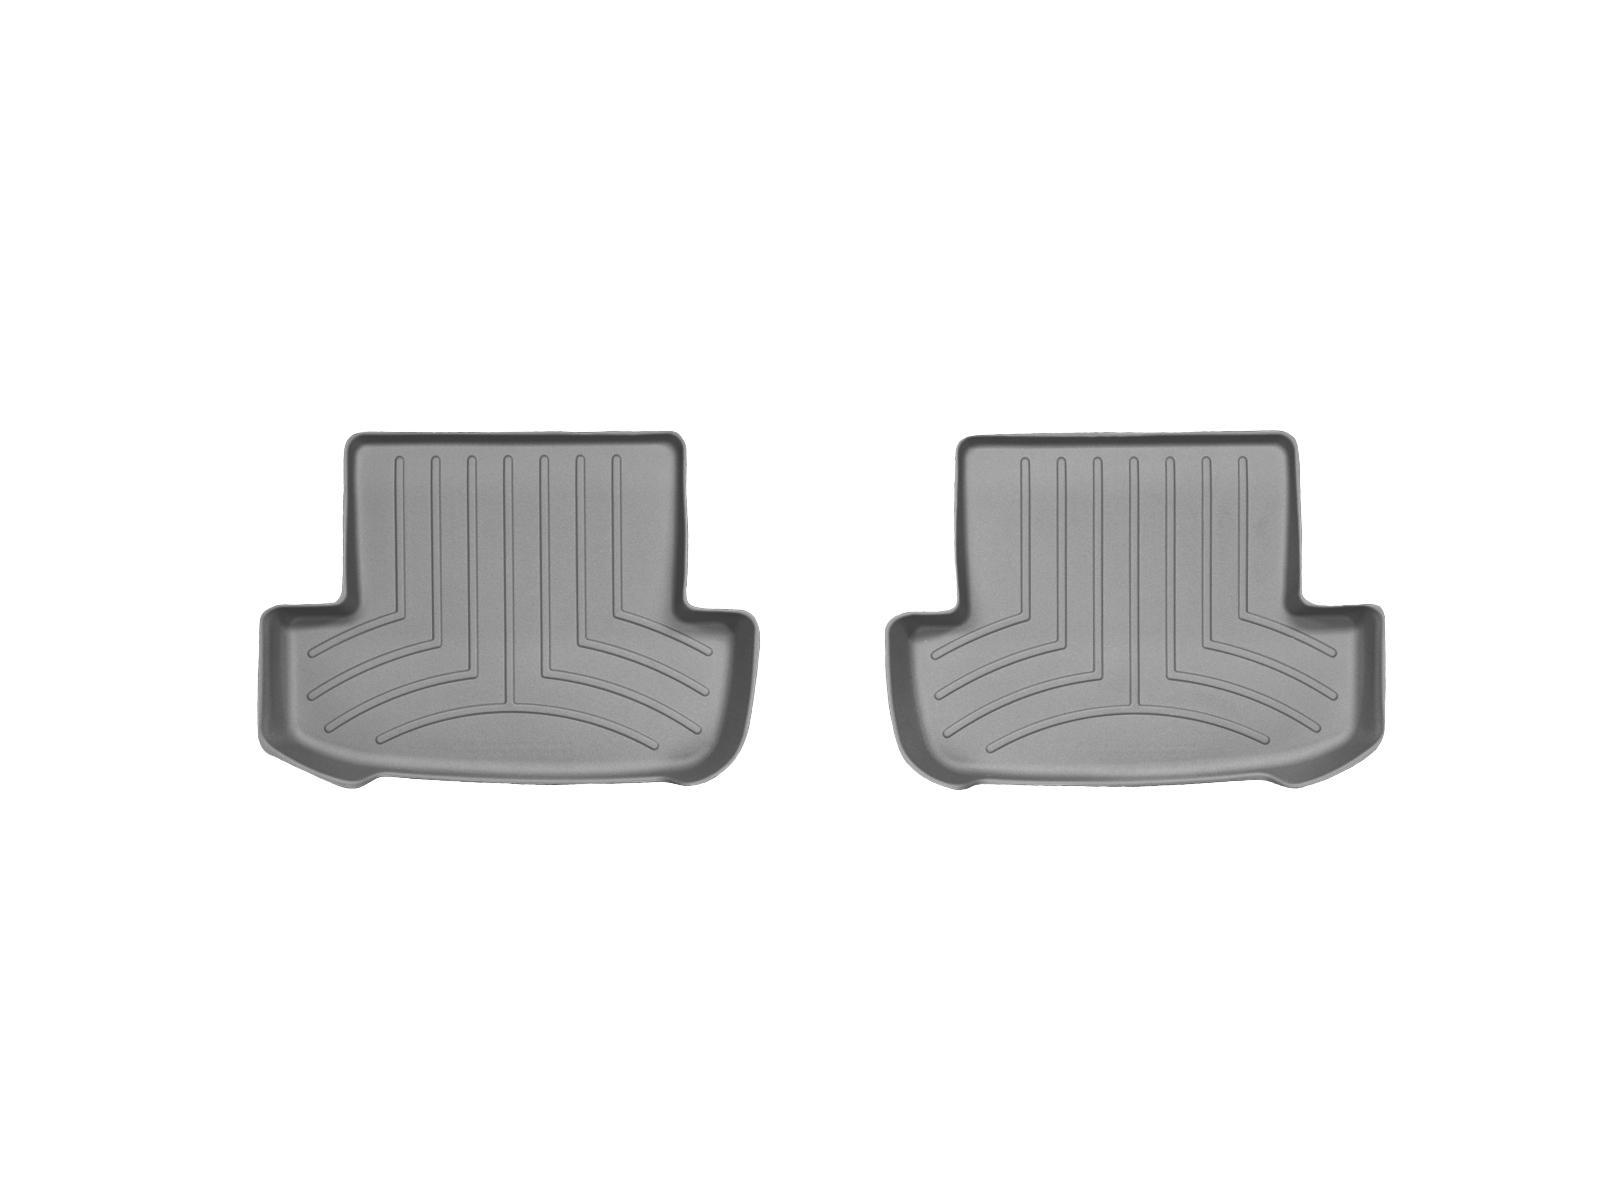 Tappeti gomma su misura bordo alto Mercedes E-Class 12>12 Grigio A2393*